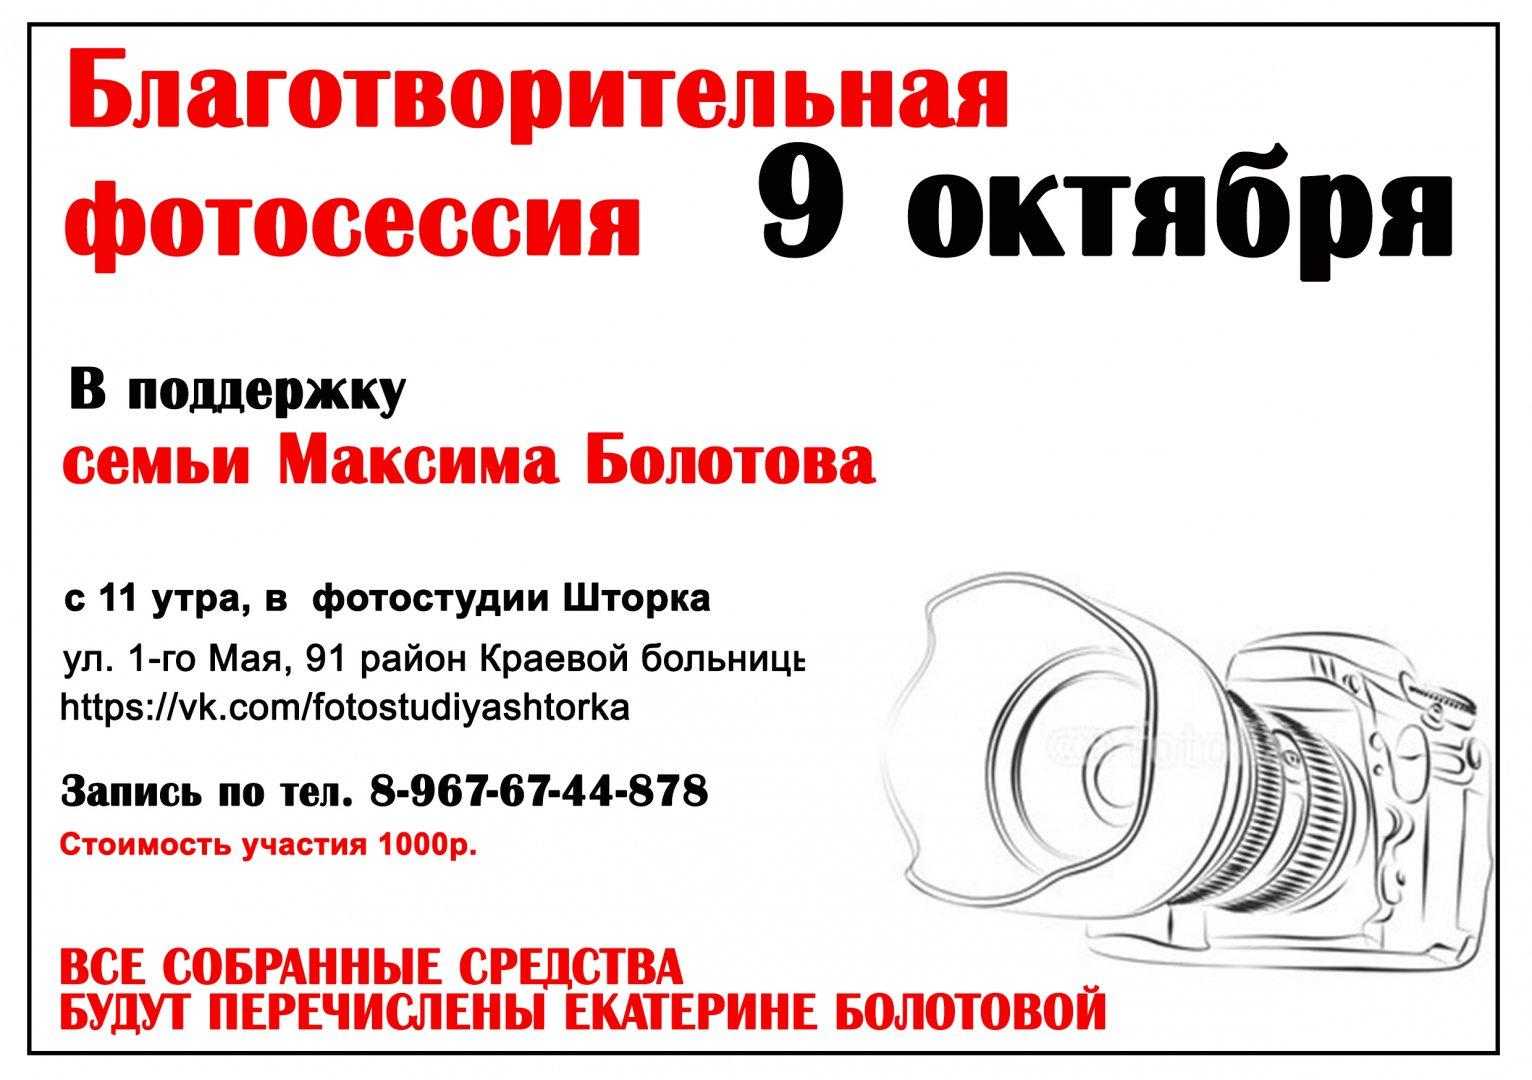 Благотворительная фотосессия в Краснодаре